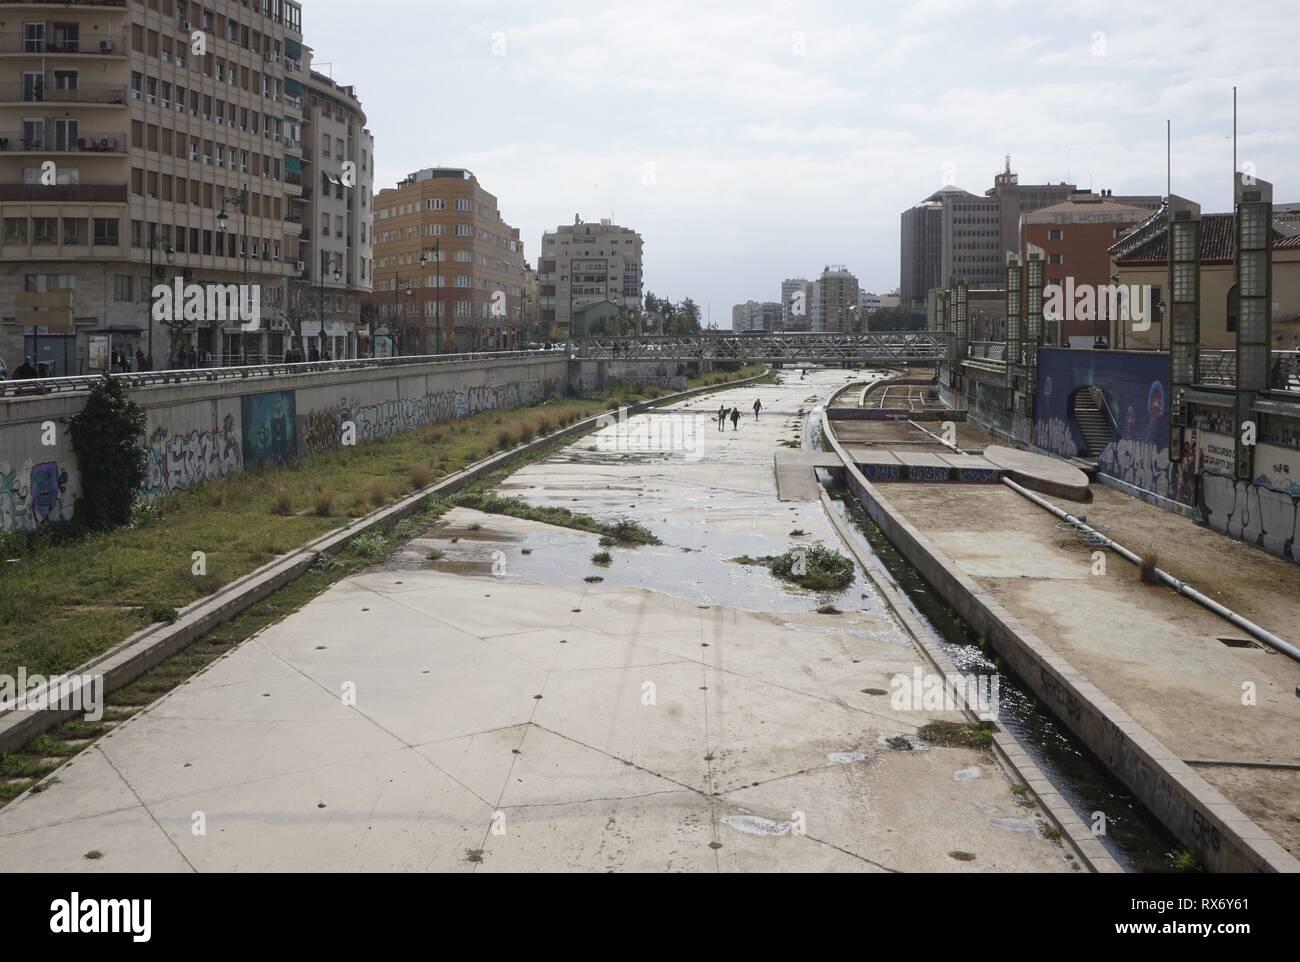 Picture shows the dry river Guadalmedina in Malaga, 15